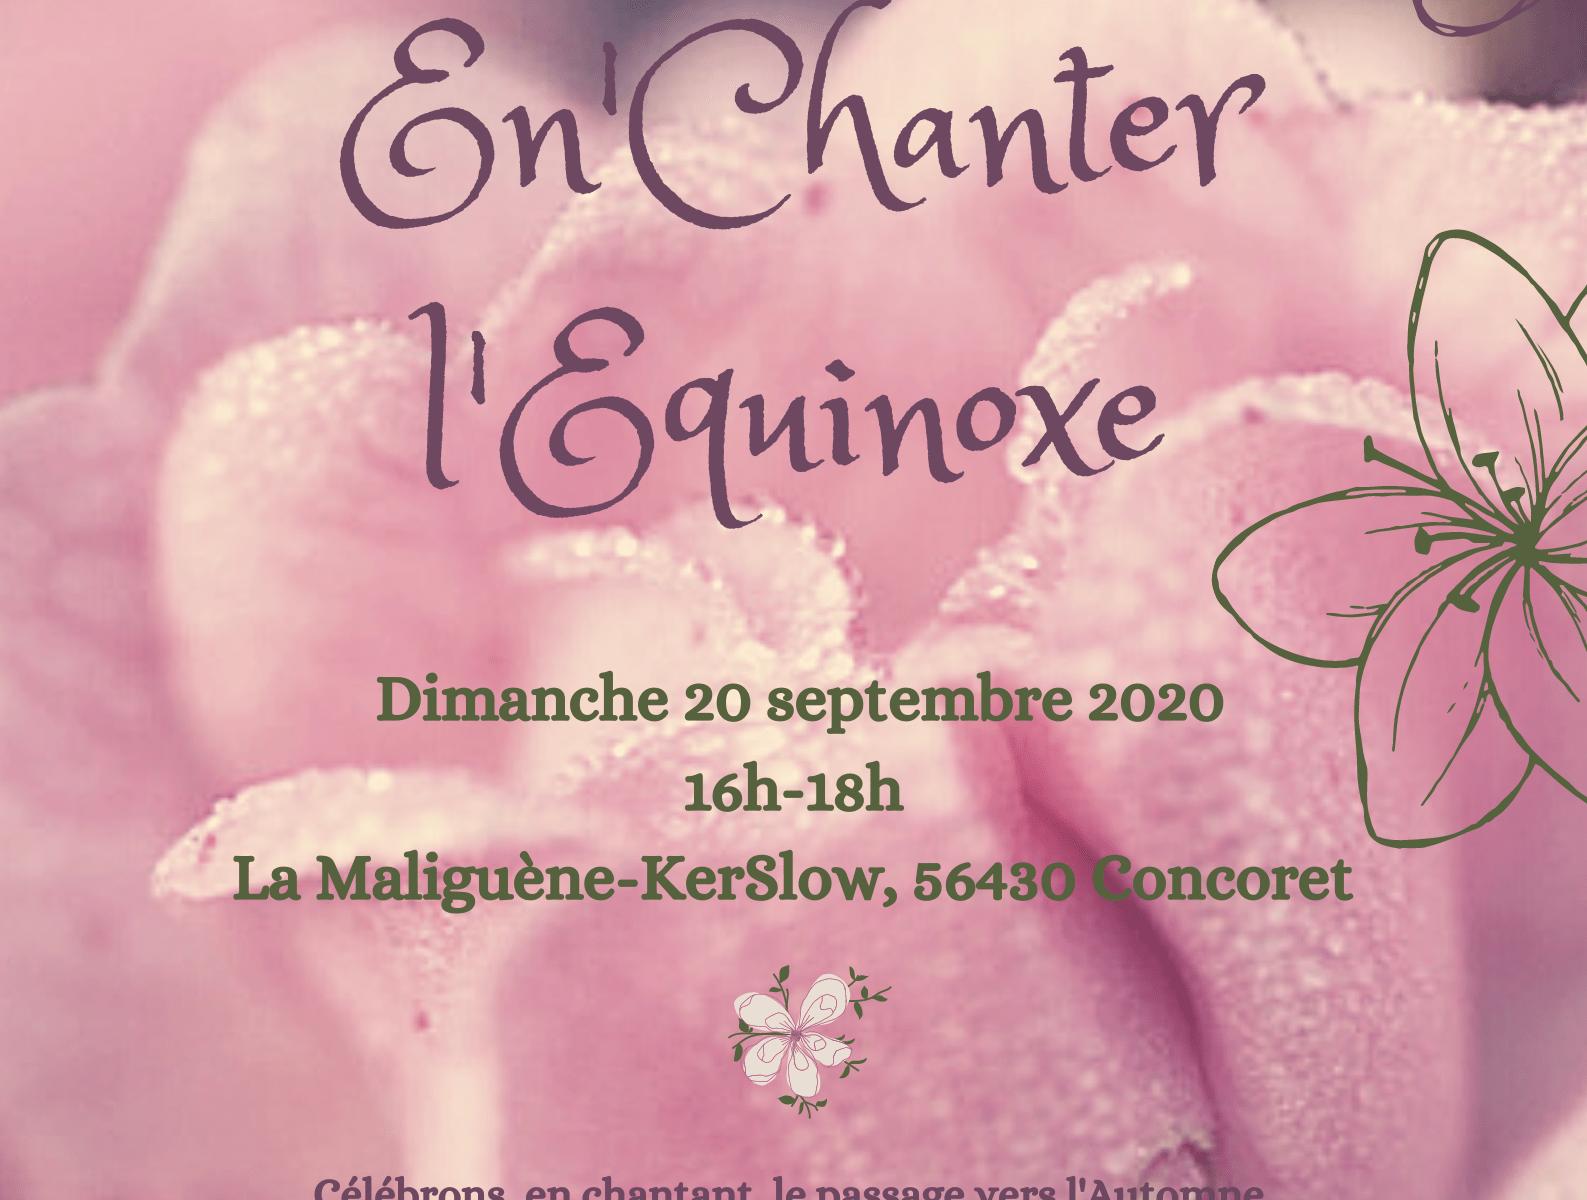 Evenement artistique - Chant sacré- Ecolieu